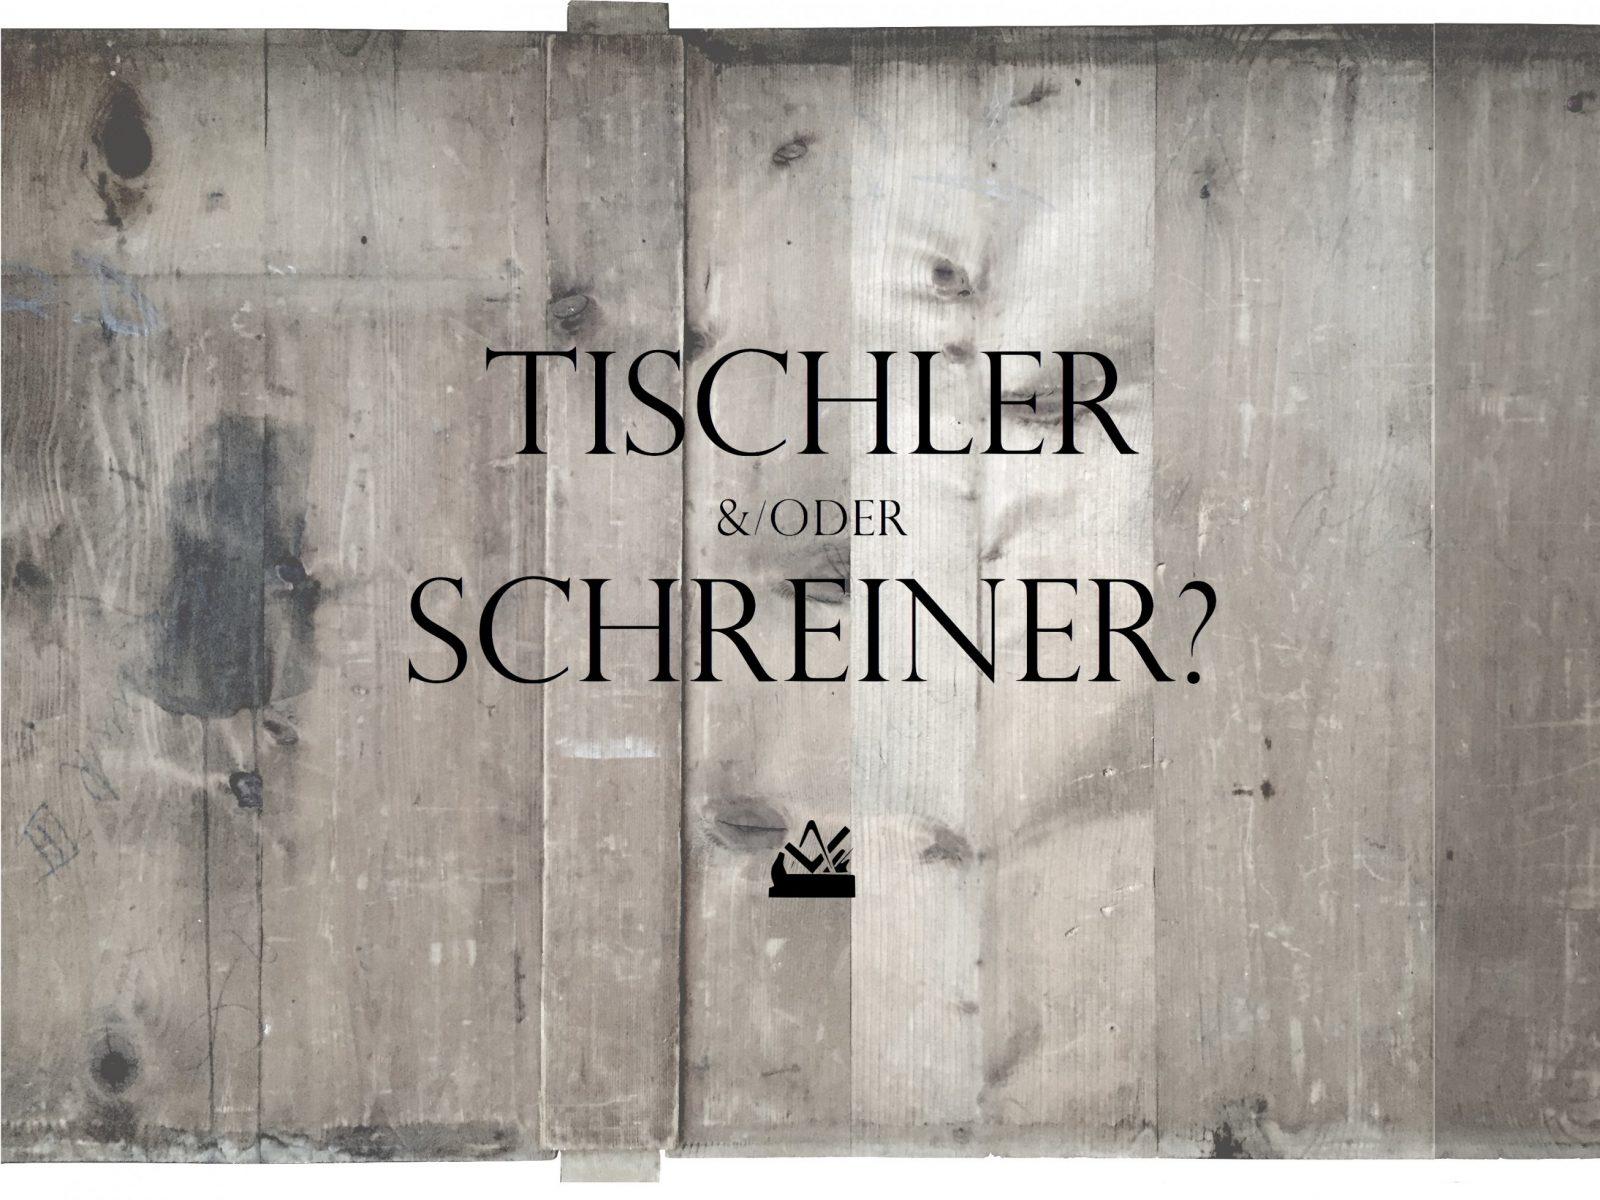 Tischler Oder Schreiner – Tischlermeister Jakob von Unterschied Zwischen Schreiner Und Tischler Photo